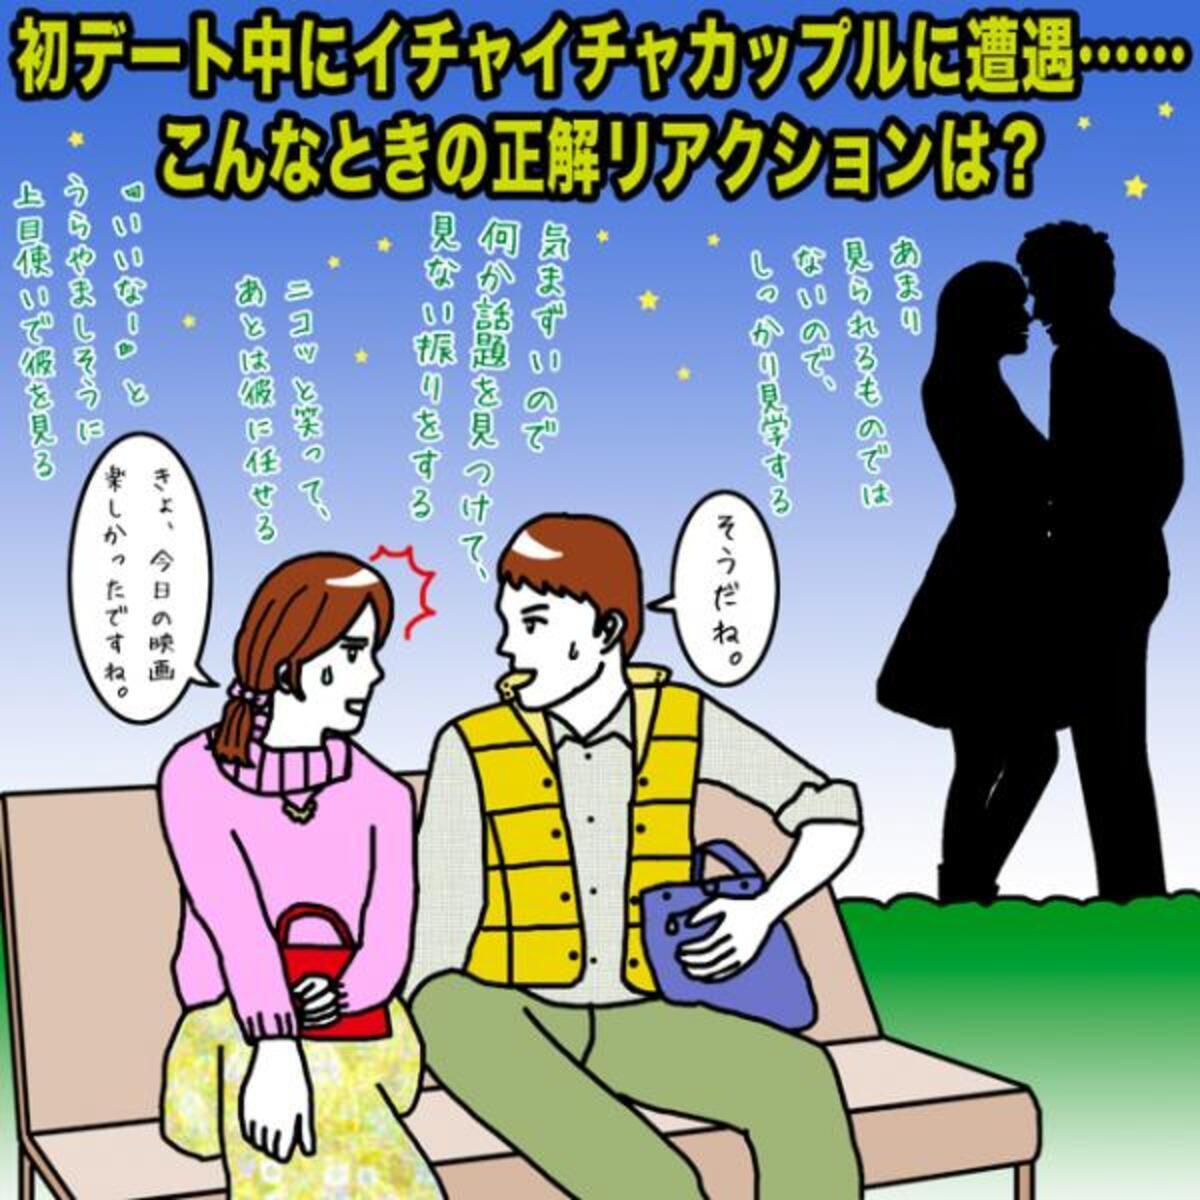 初デート中にイチャイチャカップルに遭遇……こんなときの正解リアクション